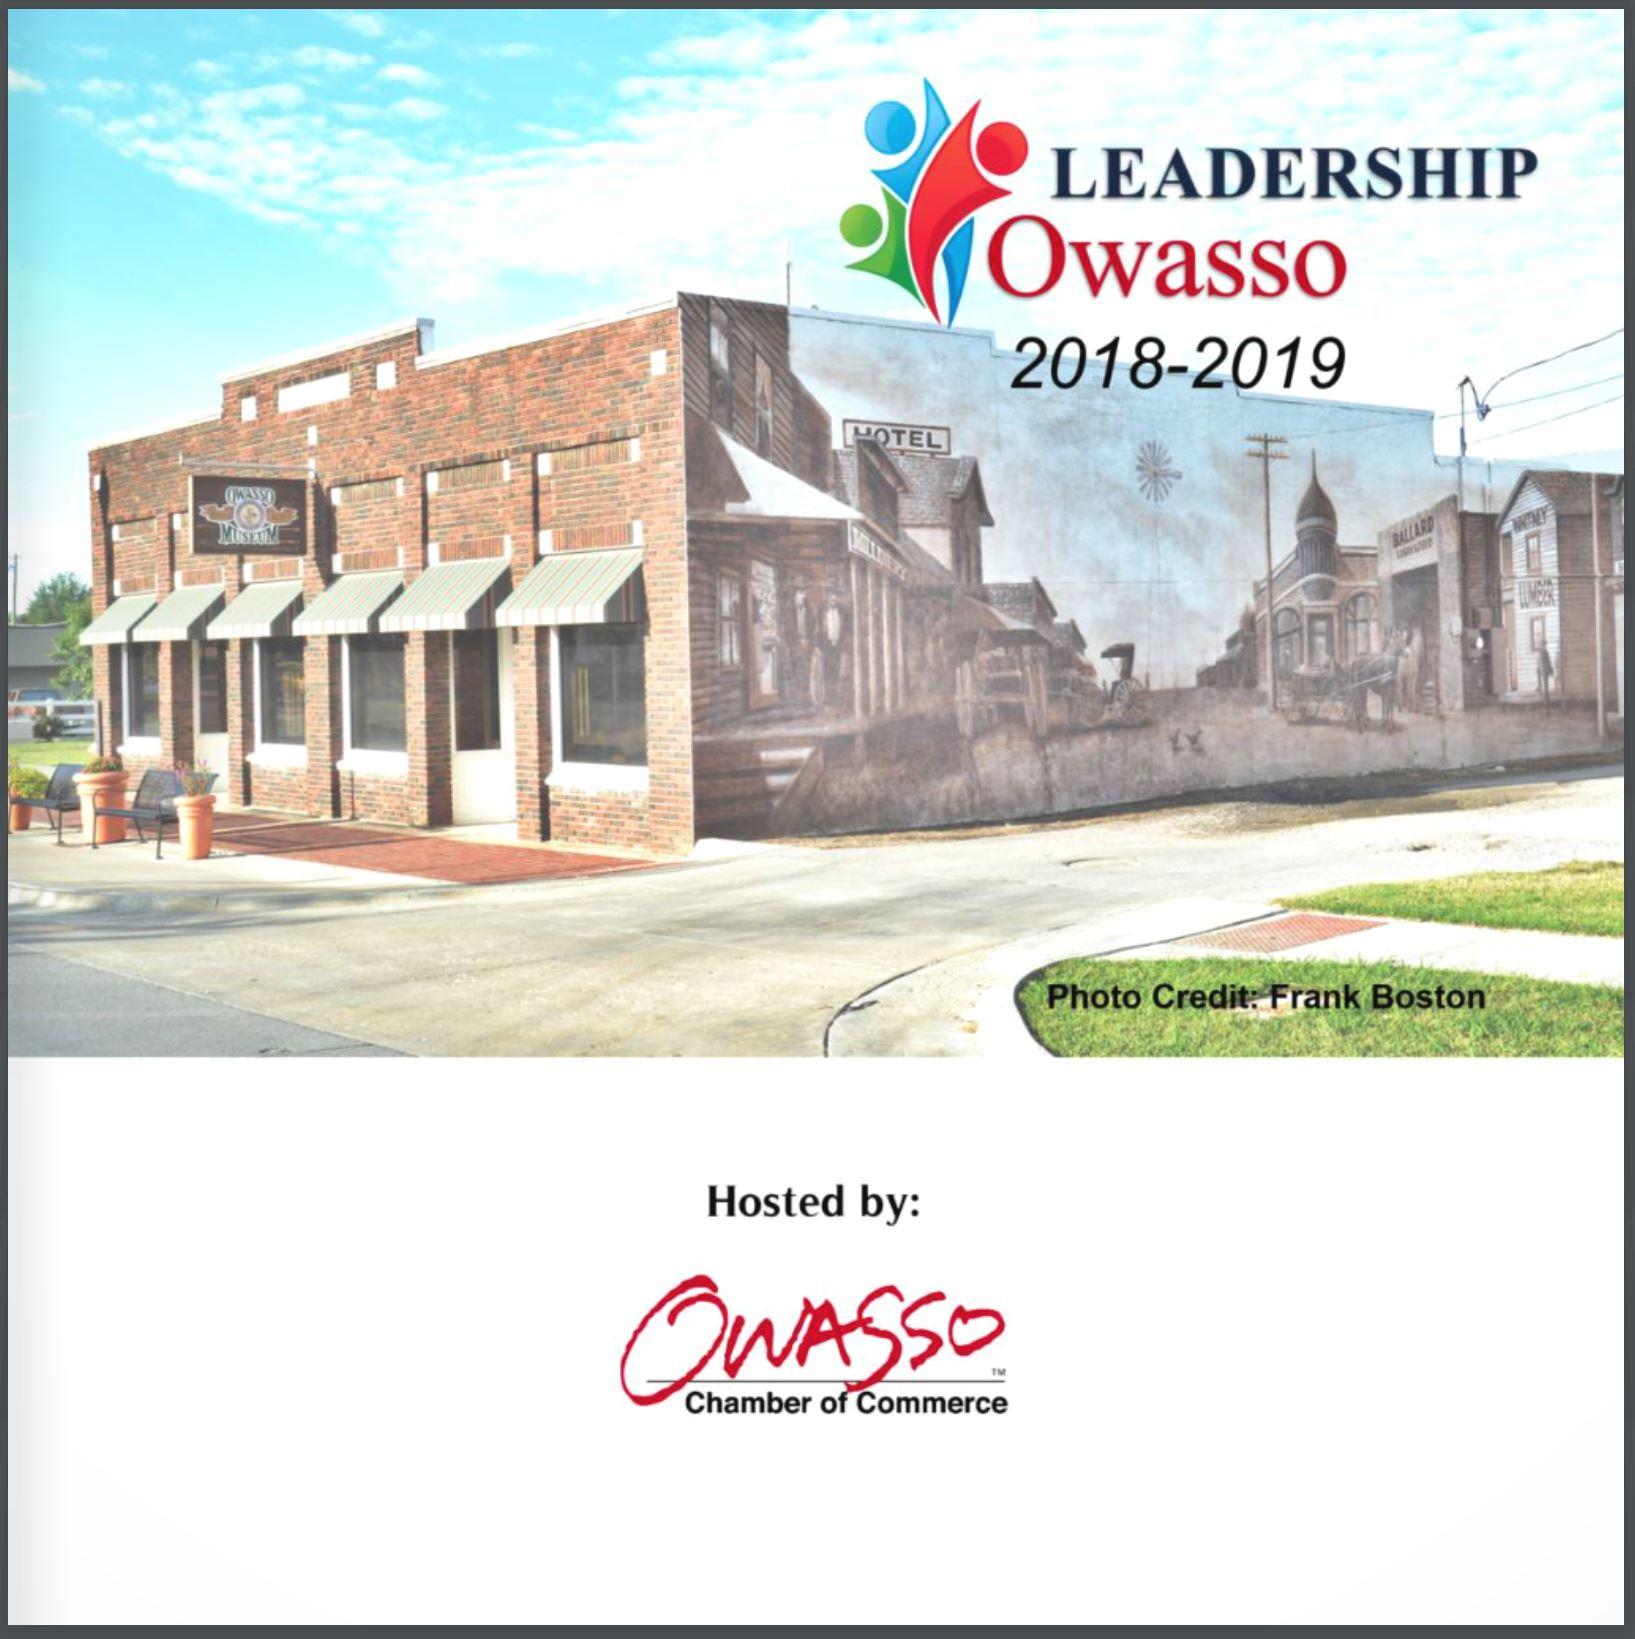 Owasso Leadership: 2018-2019 (Album Preview)